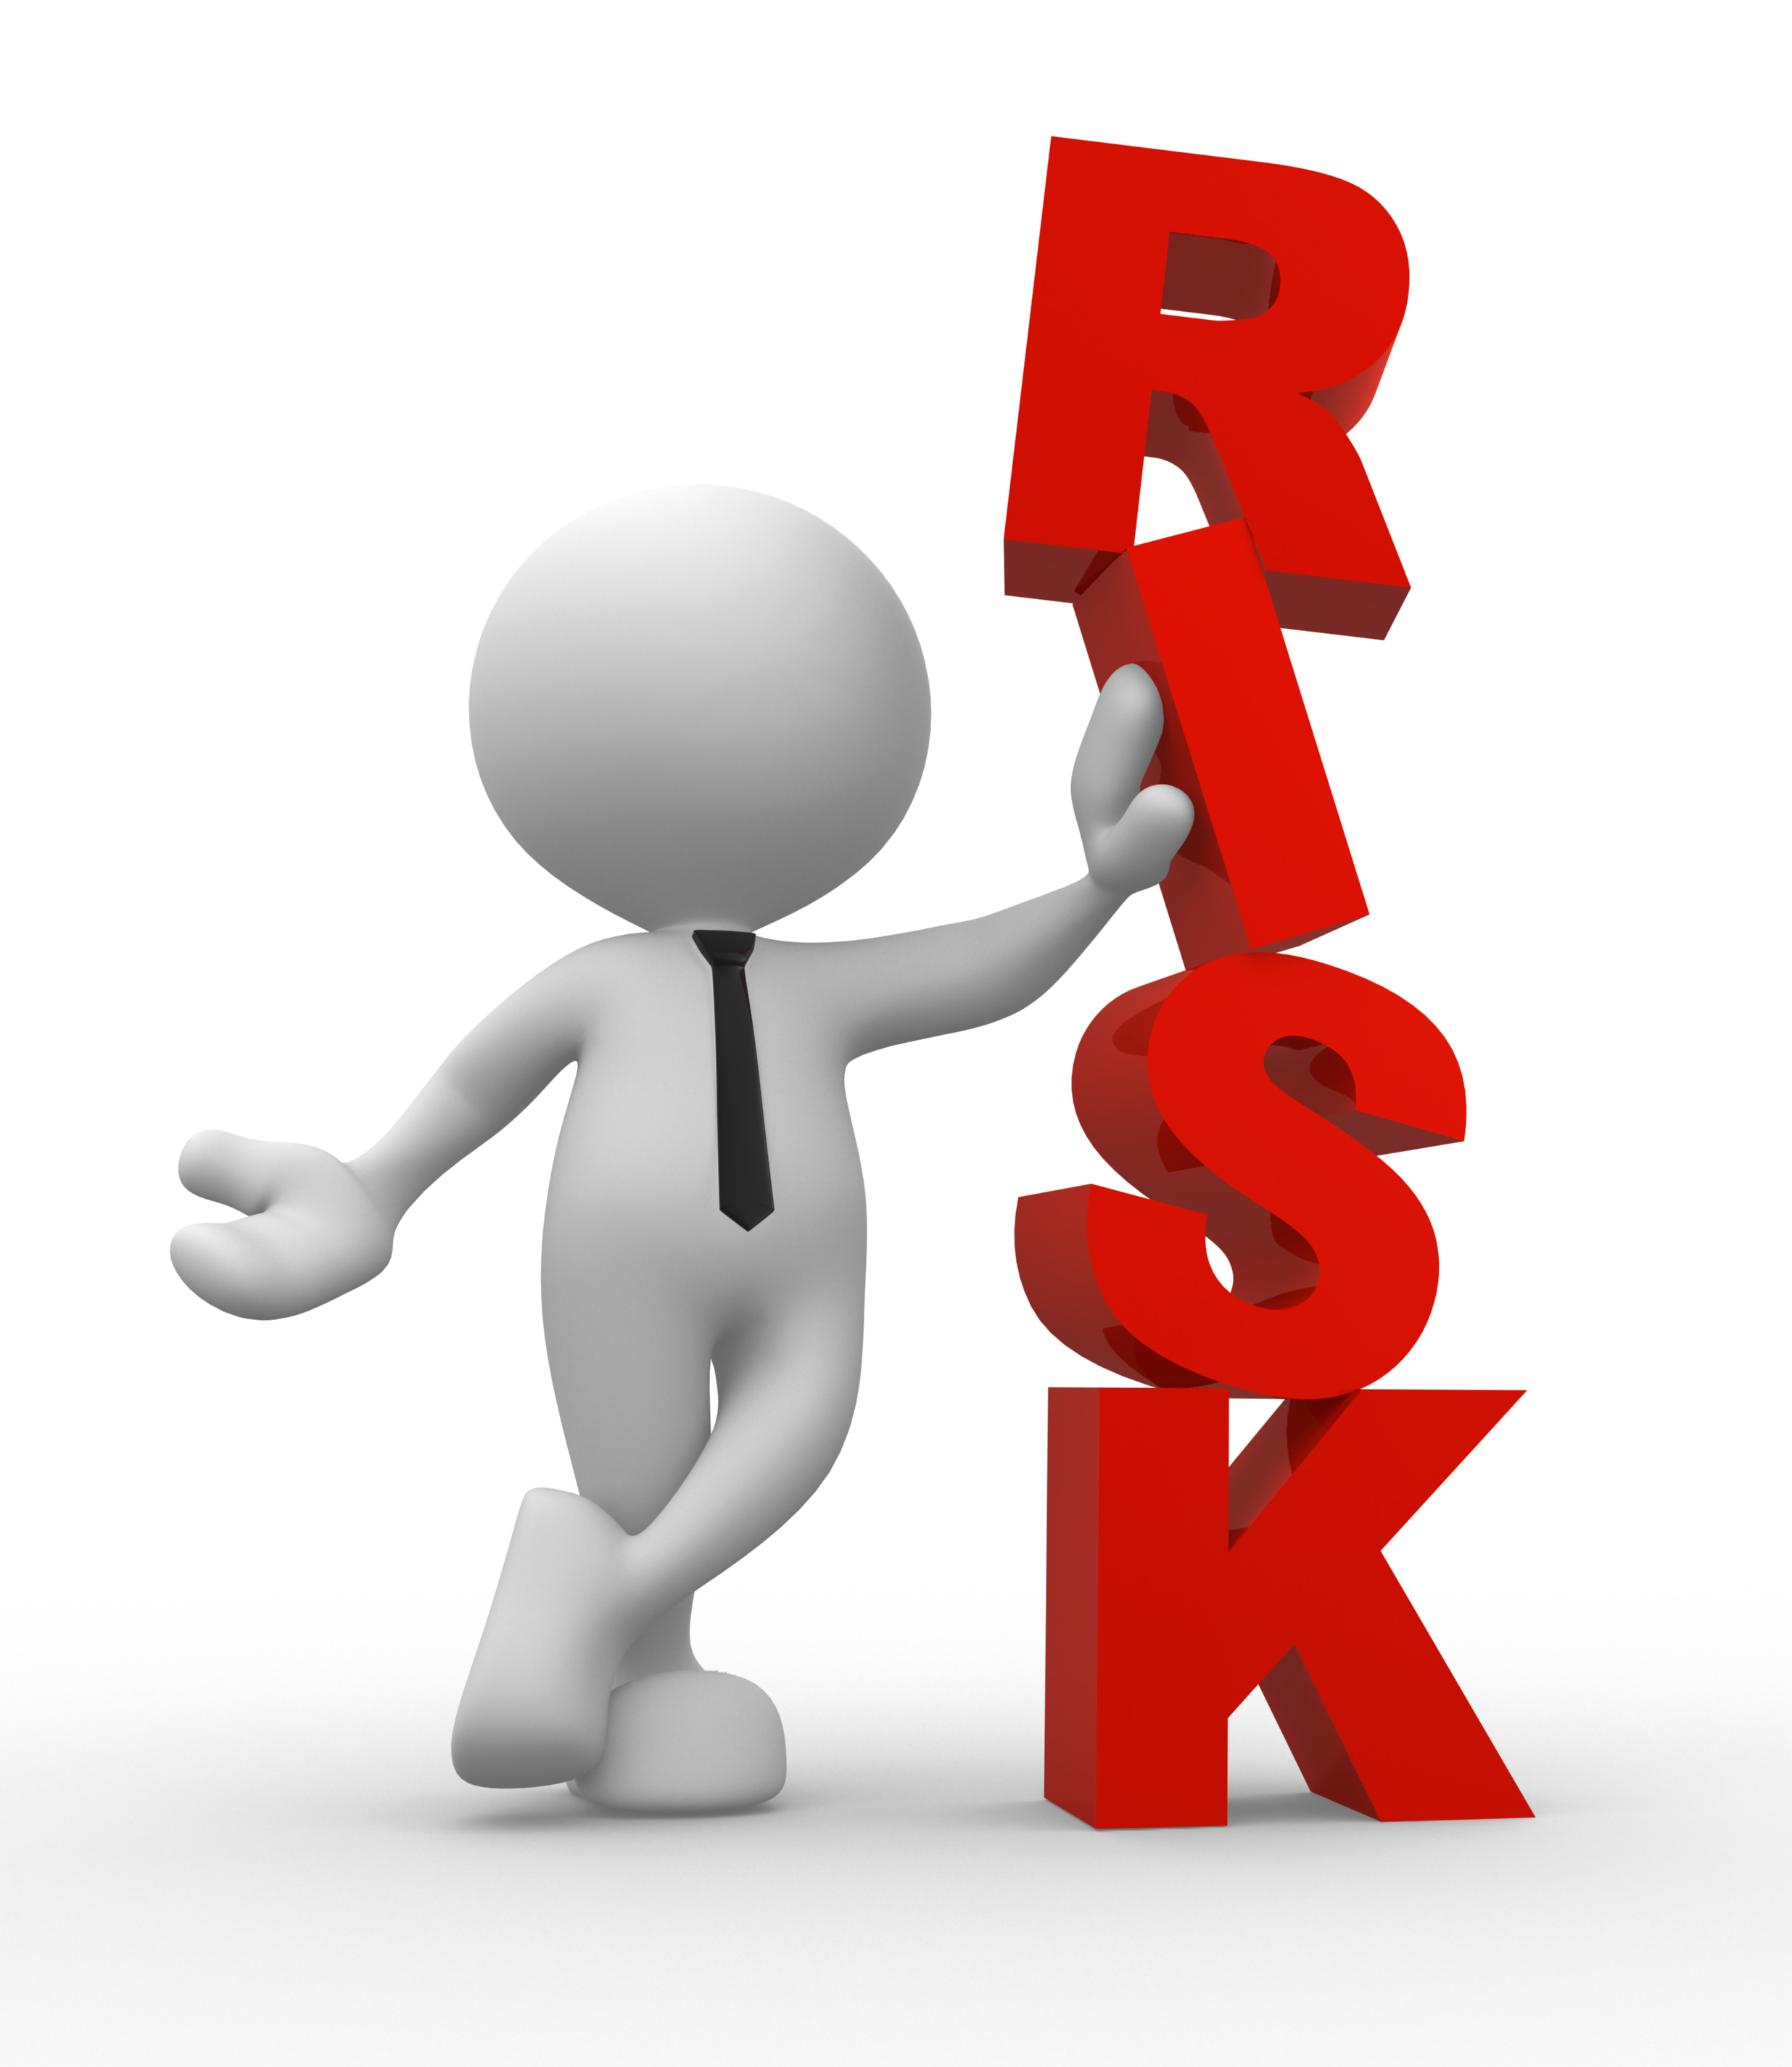 Risks: Risks Clipart